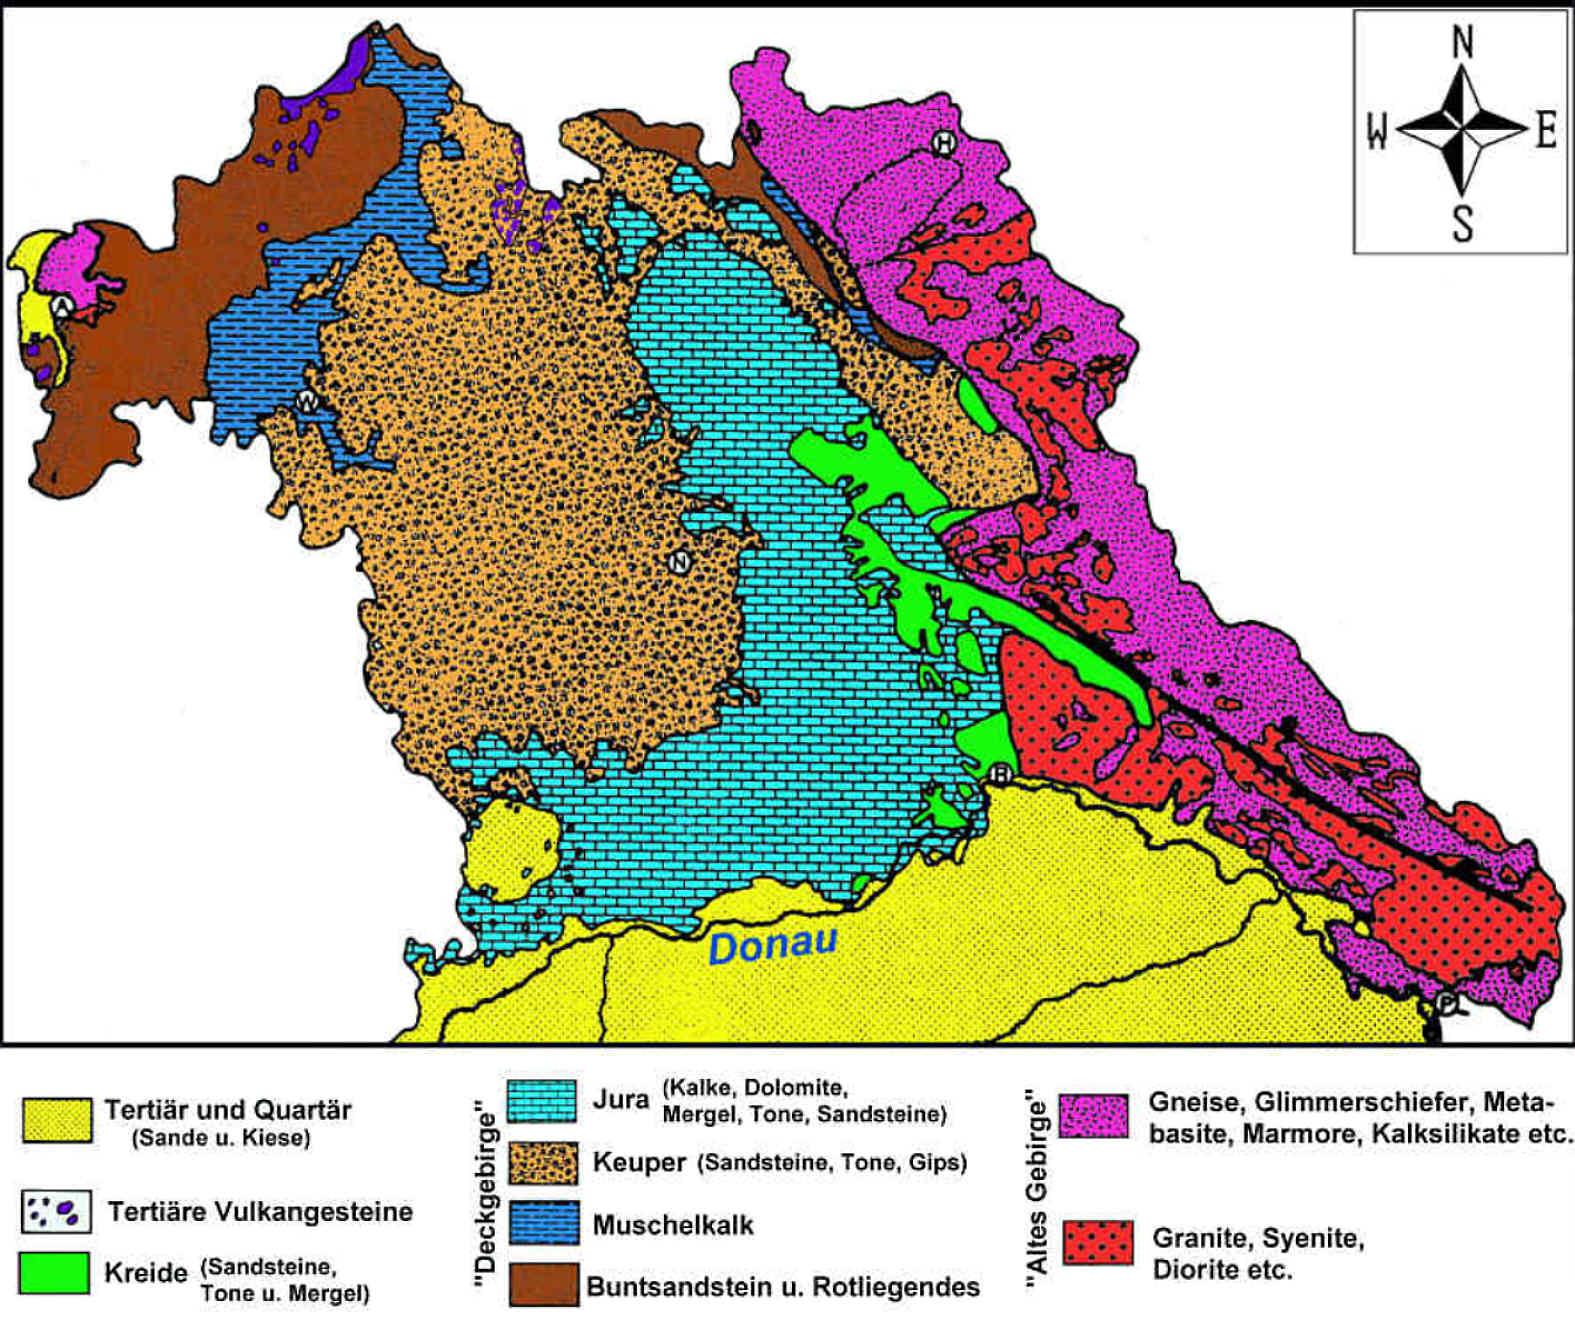 geologische karte bayern Zur Geologie des Fichtelgebirges